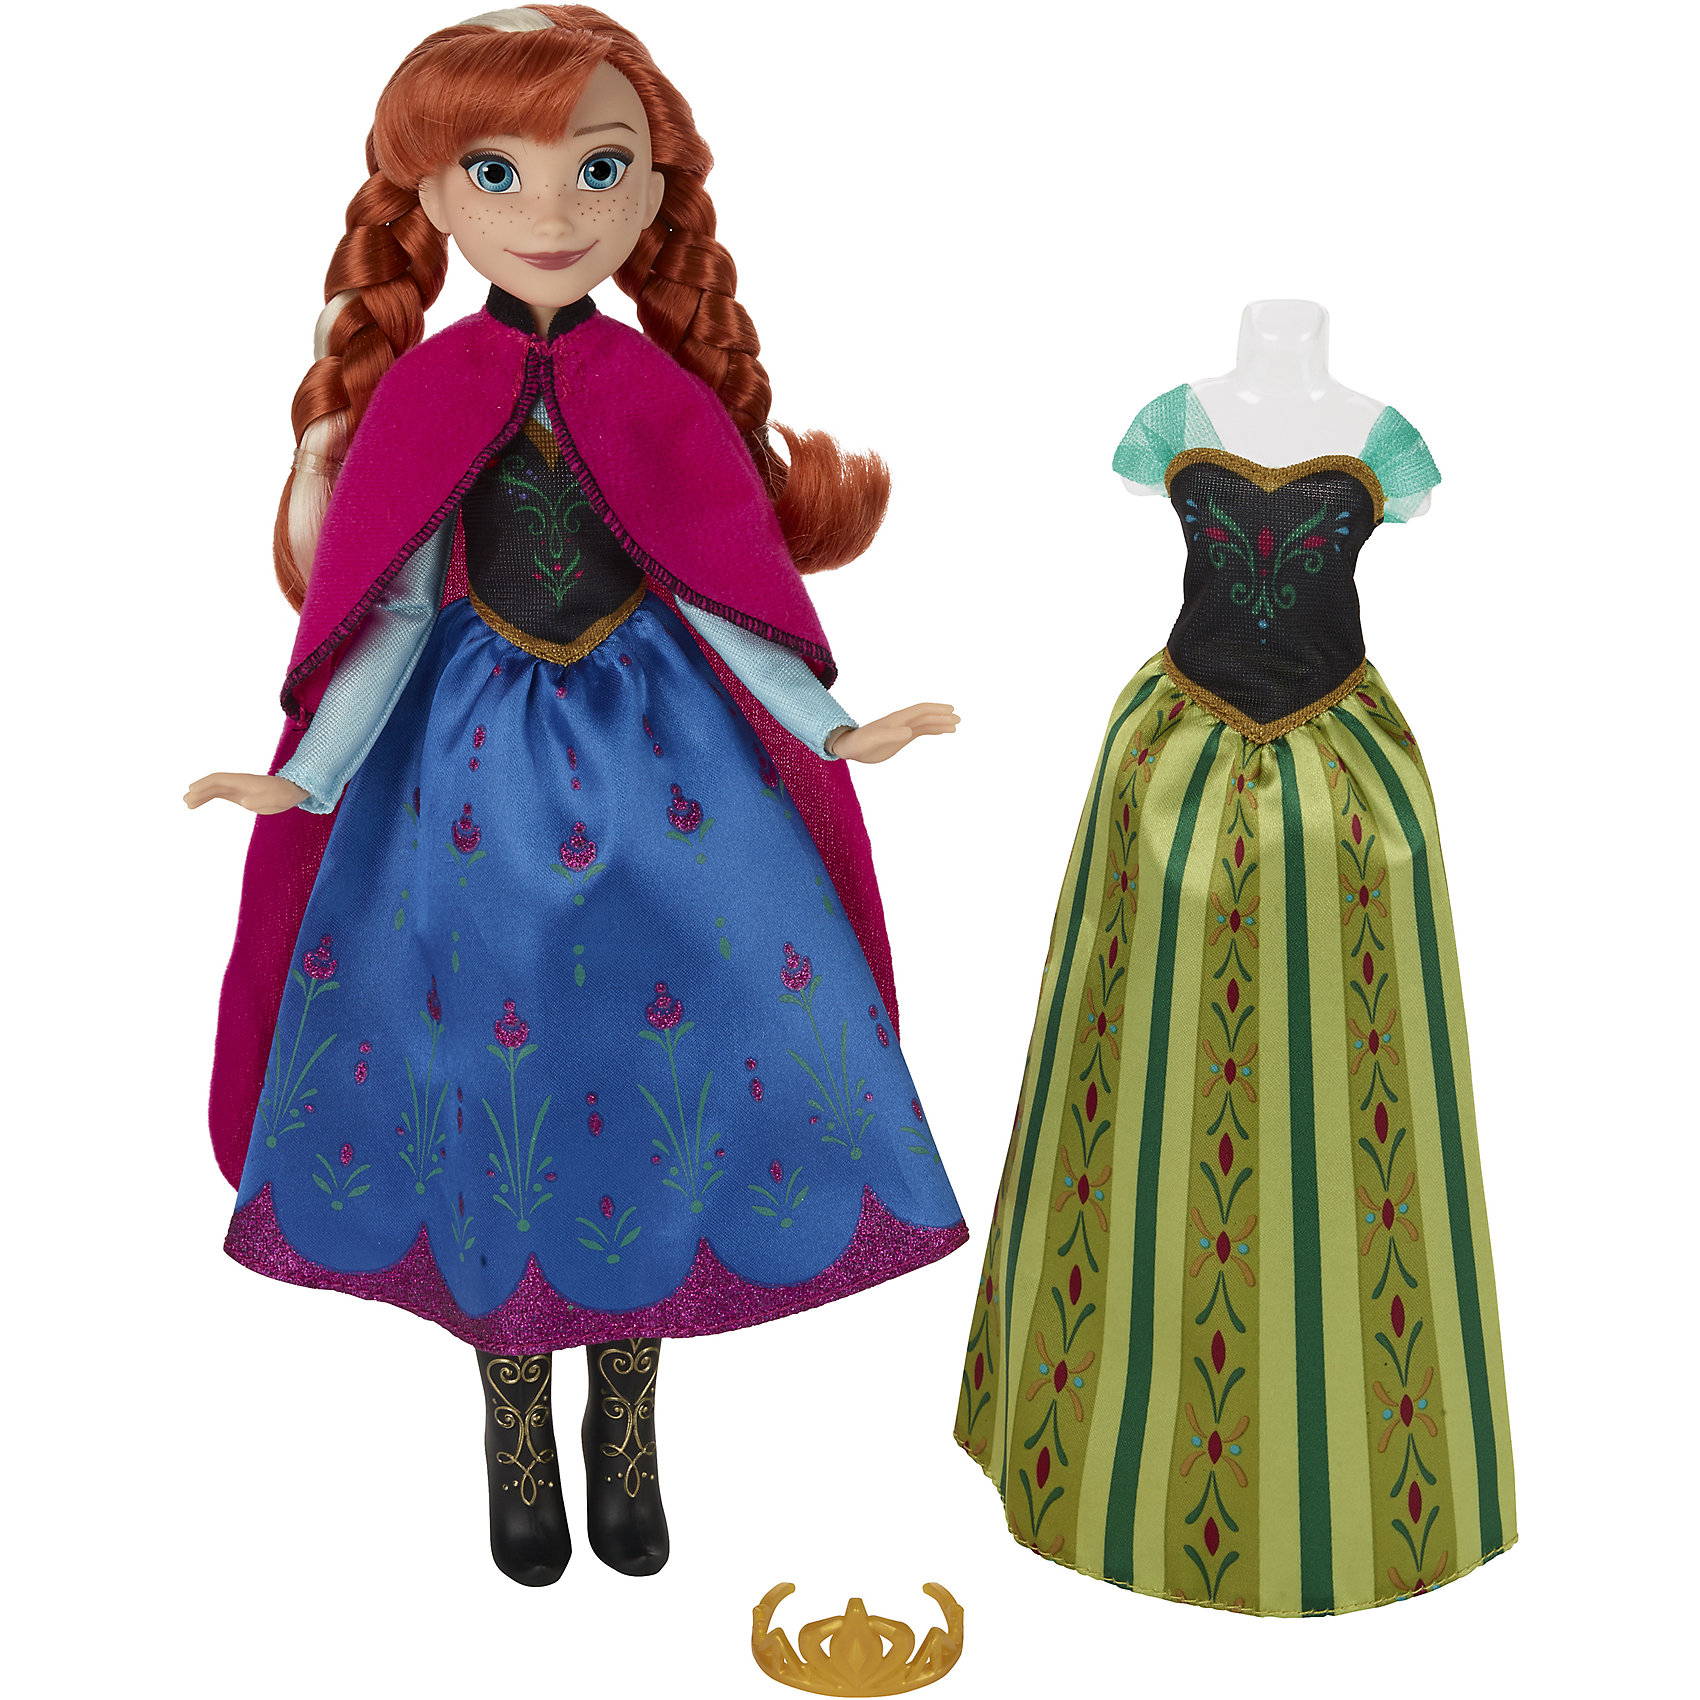 Hasbro Кукла Анна, со сменным нарядом, Холодное сердце hasbro набор кукол холодное сердце анна и кристоф